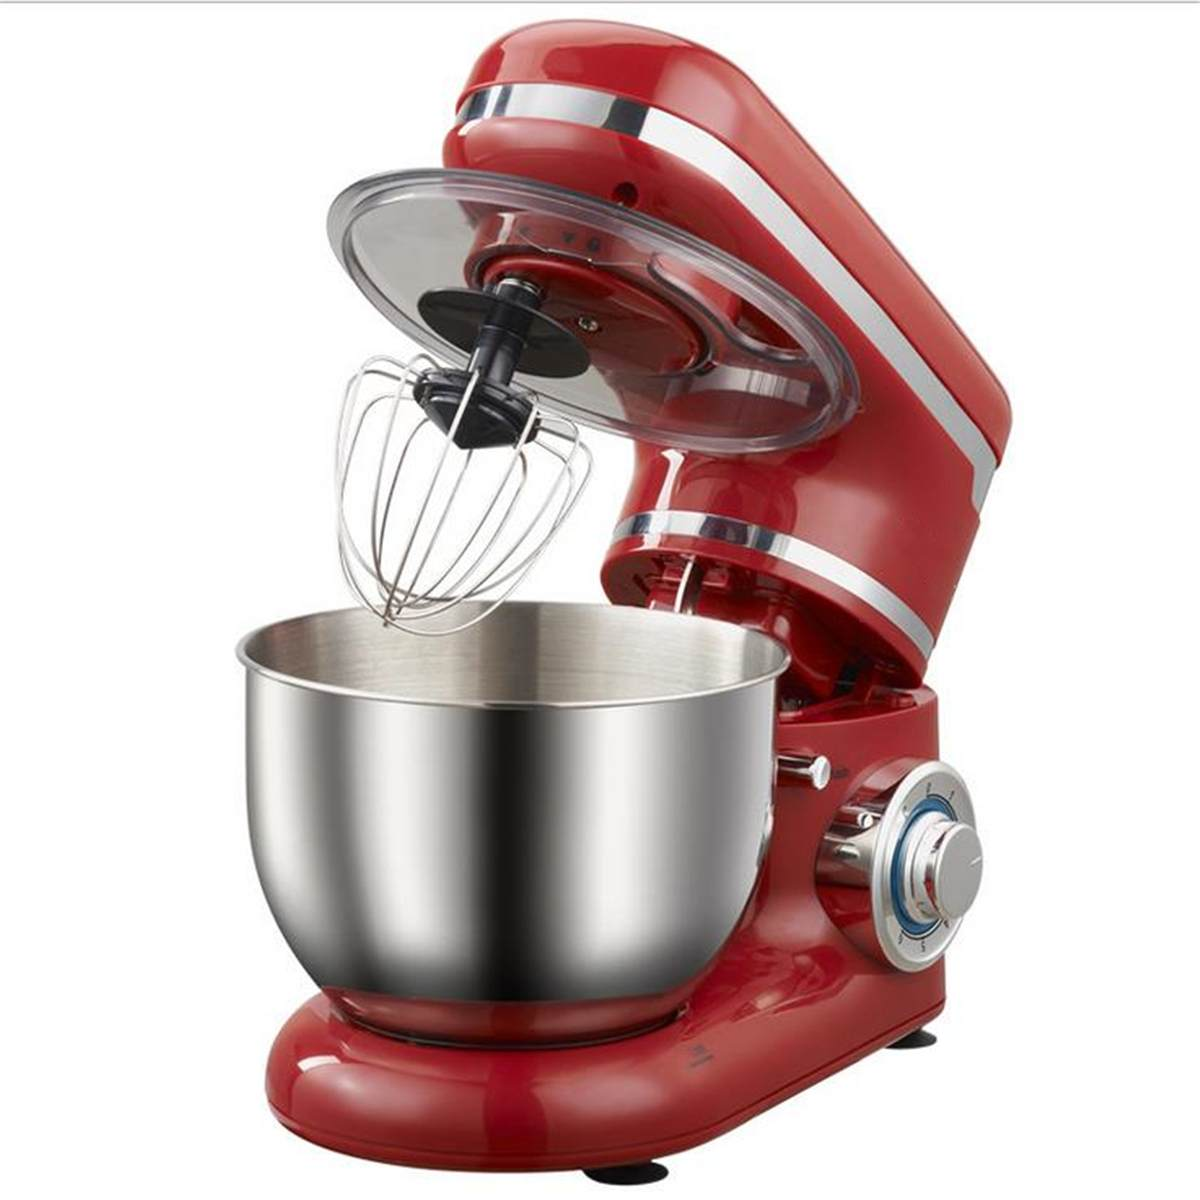 Кофемолка, Италия, ручная, классический дизайн, керамическая заусенца, неторопливо паровой крем, пузырьки, портативное устройство для кофе ... - 2